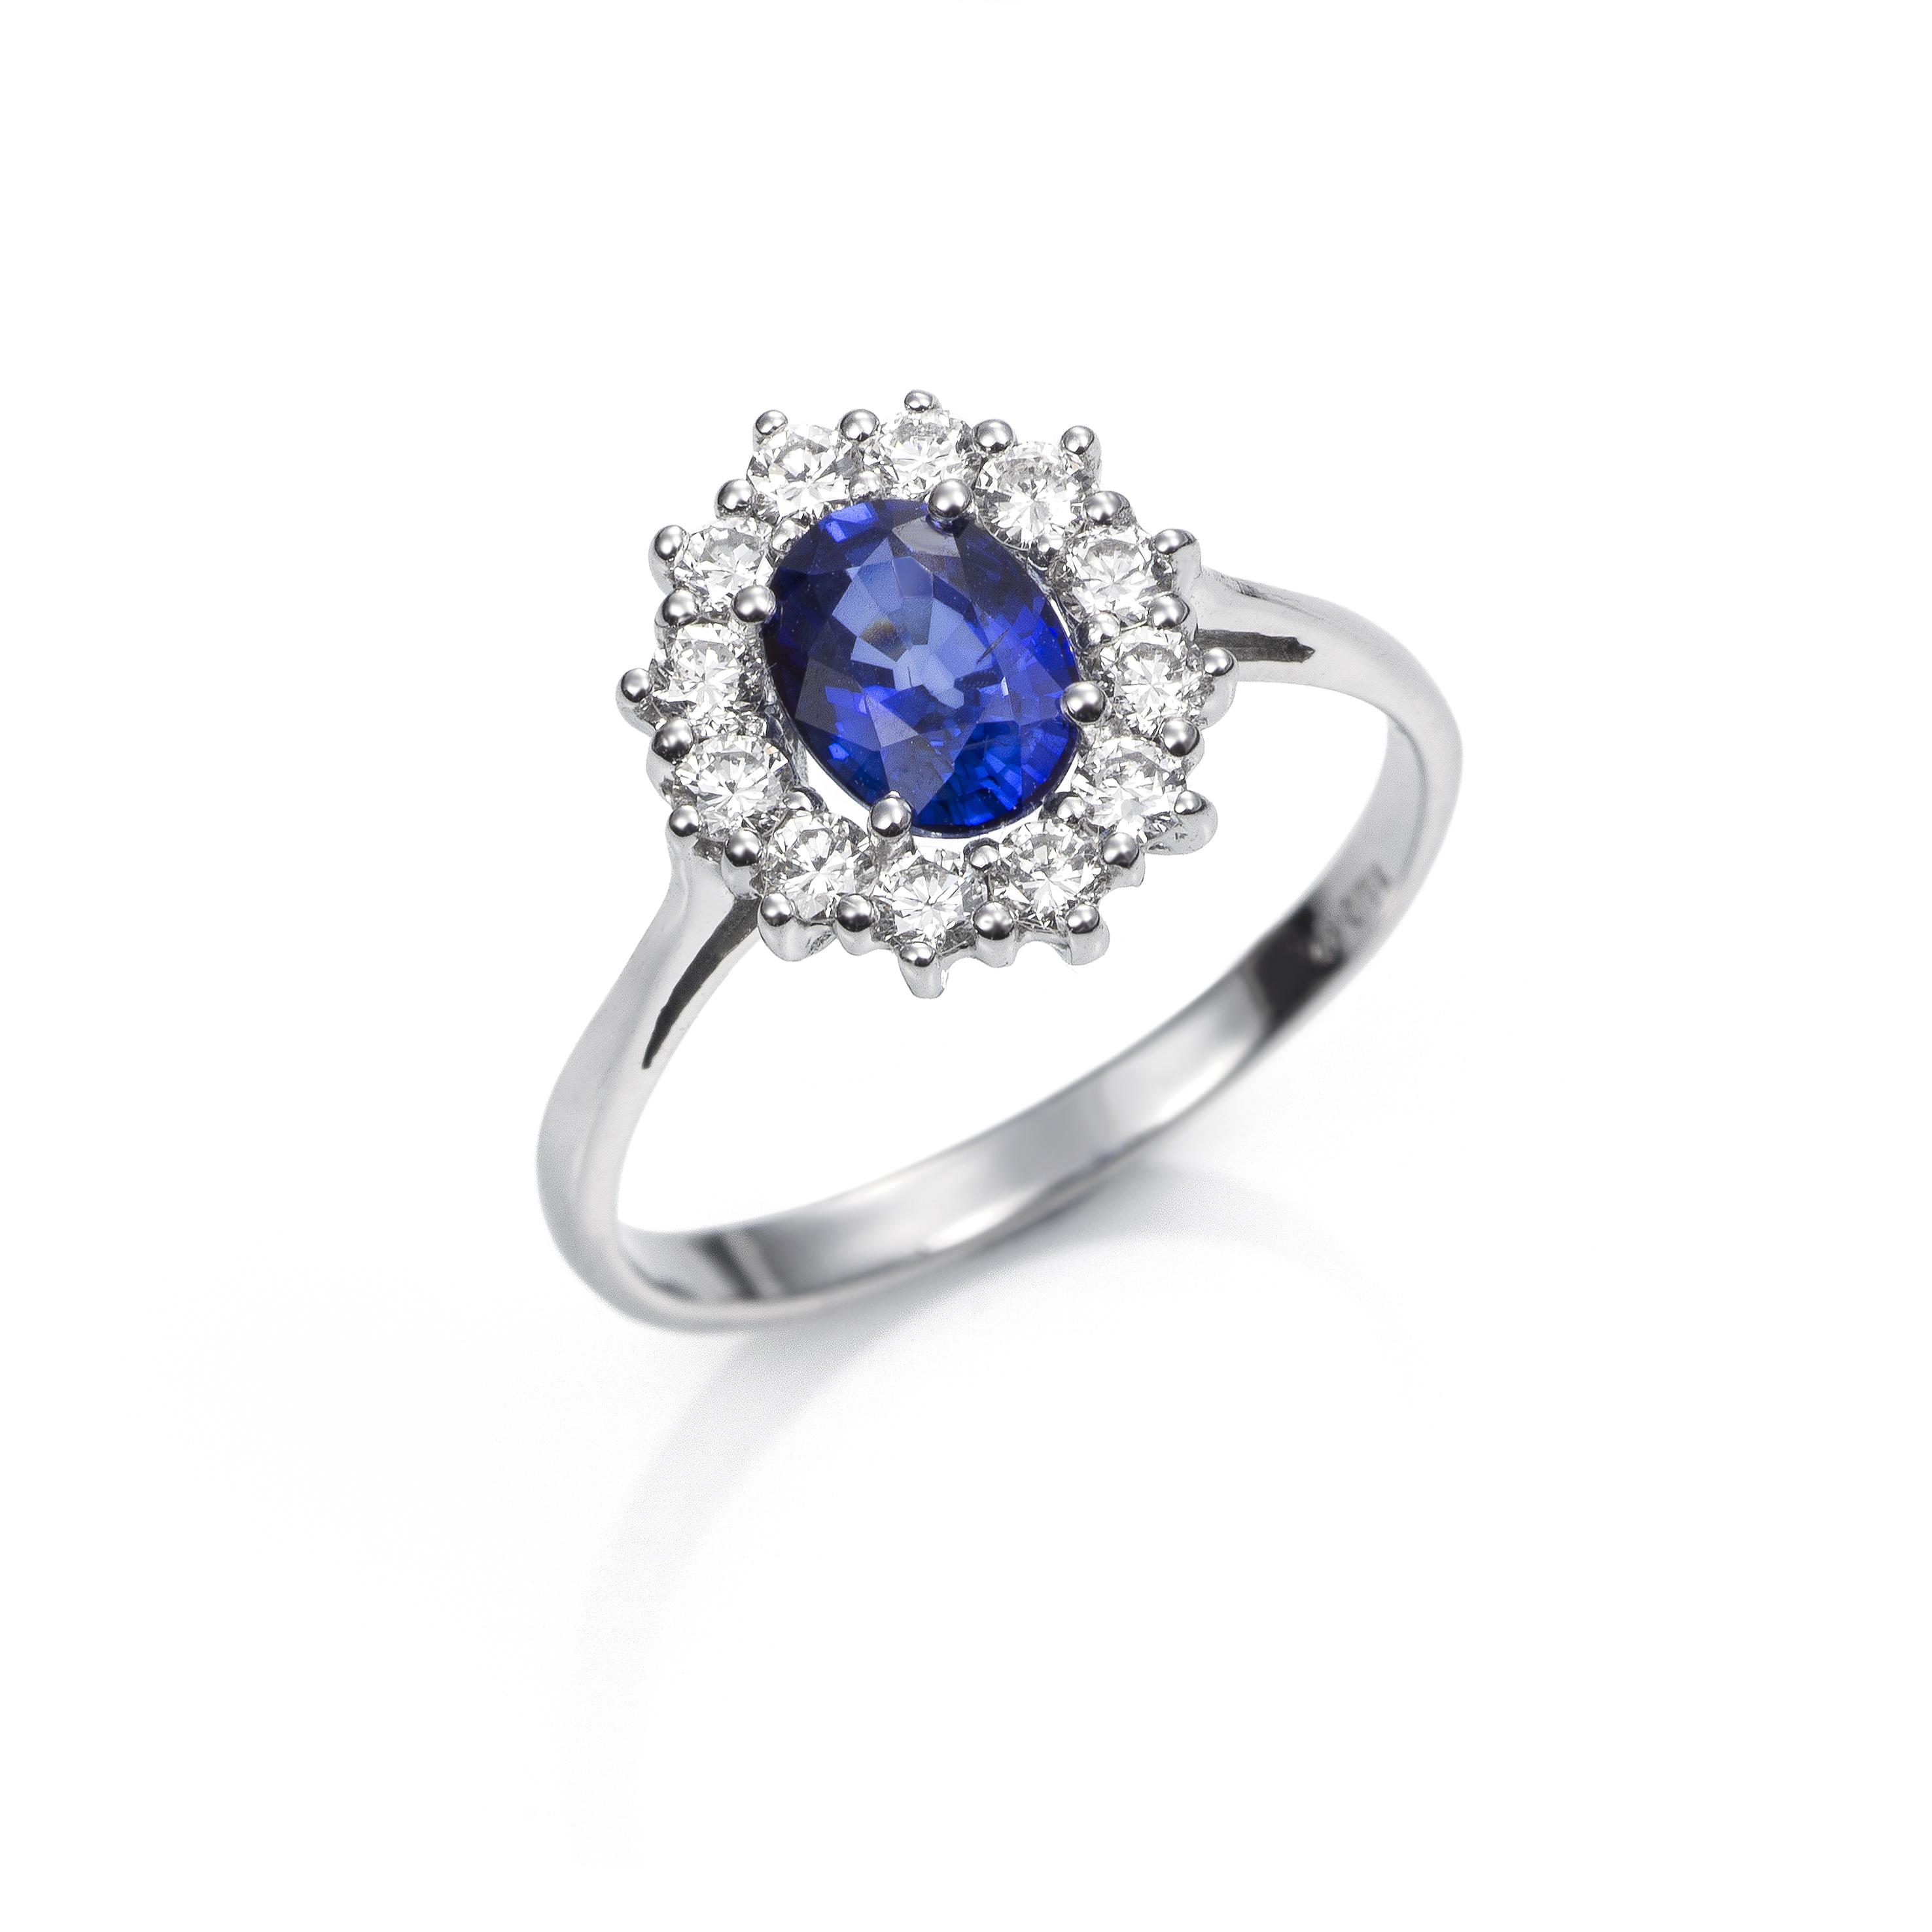 c0670934cf66 Anillo Oro blanco con Zafiro Azul y Diamantes - Girbes Joyas